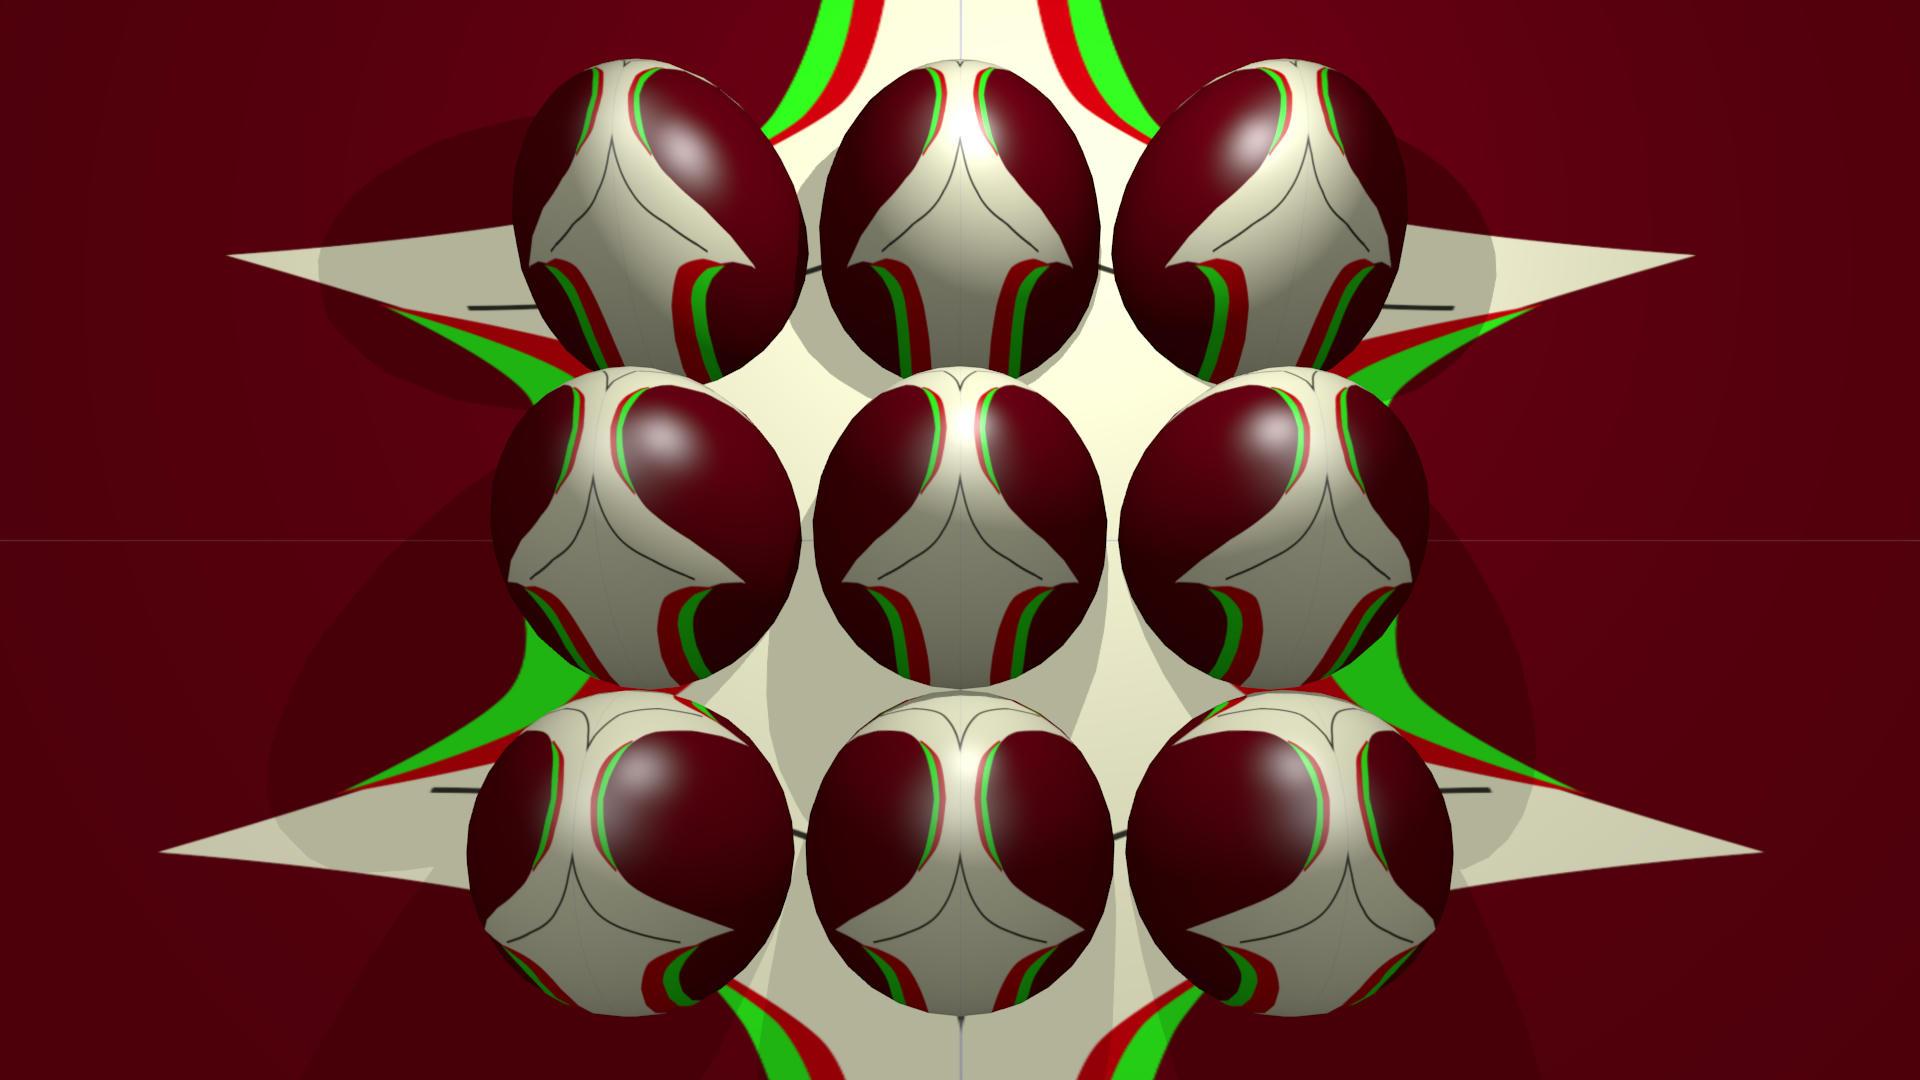 http://www.mediafire.com/convkey/1bf7/3yn2odt9t3pq0c3fg.jpg